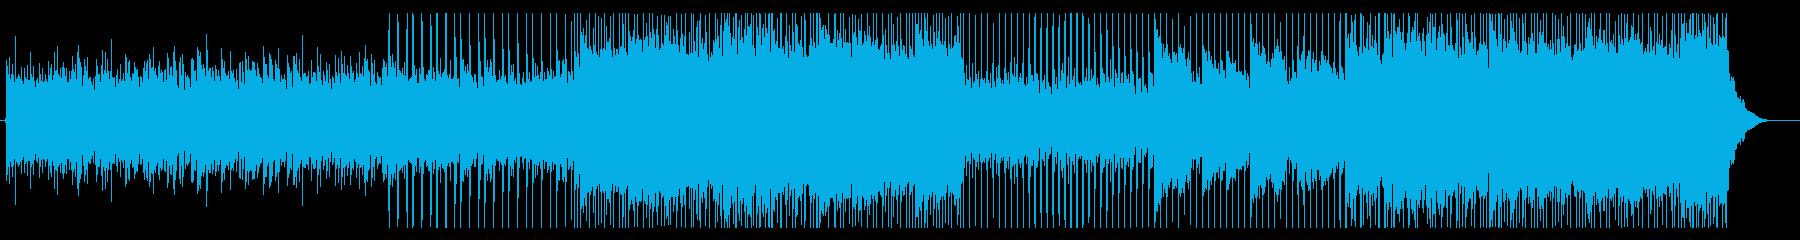 企業向け 明るいメロが特徴なピアノポップの再生済みの波形